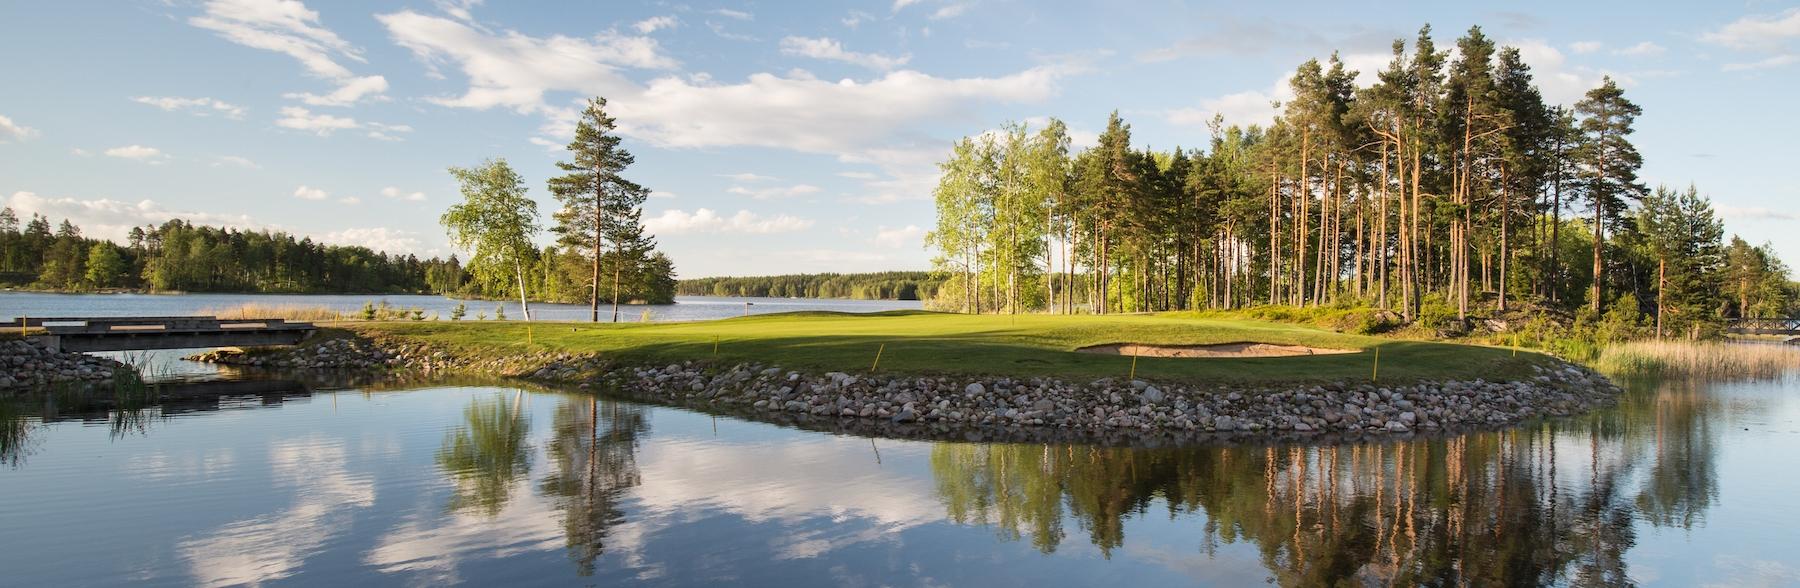 芬兰高尔夫球场NO.3Viipurin Golf Etelä-Saimaa Golf